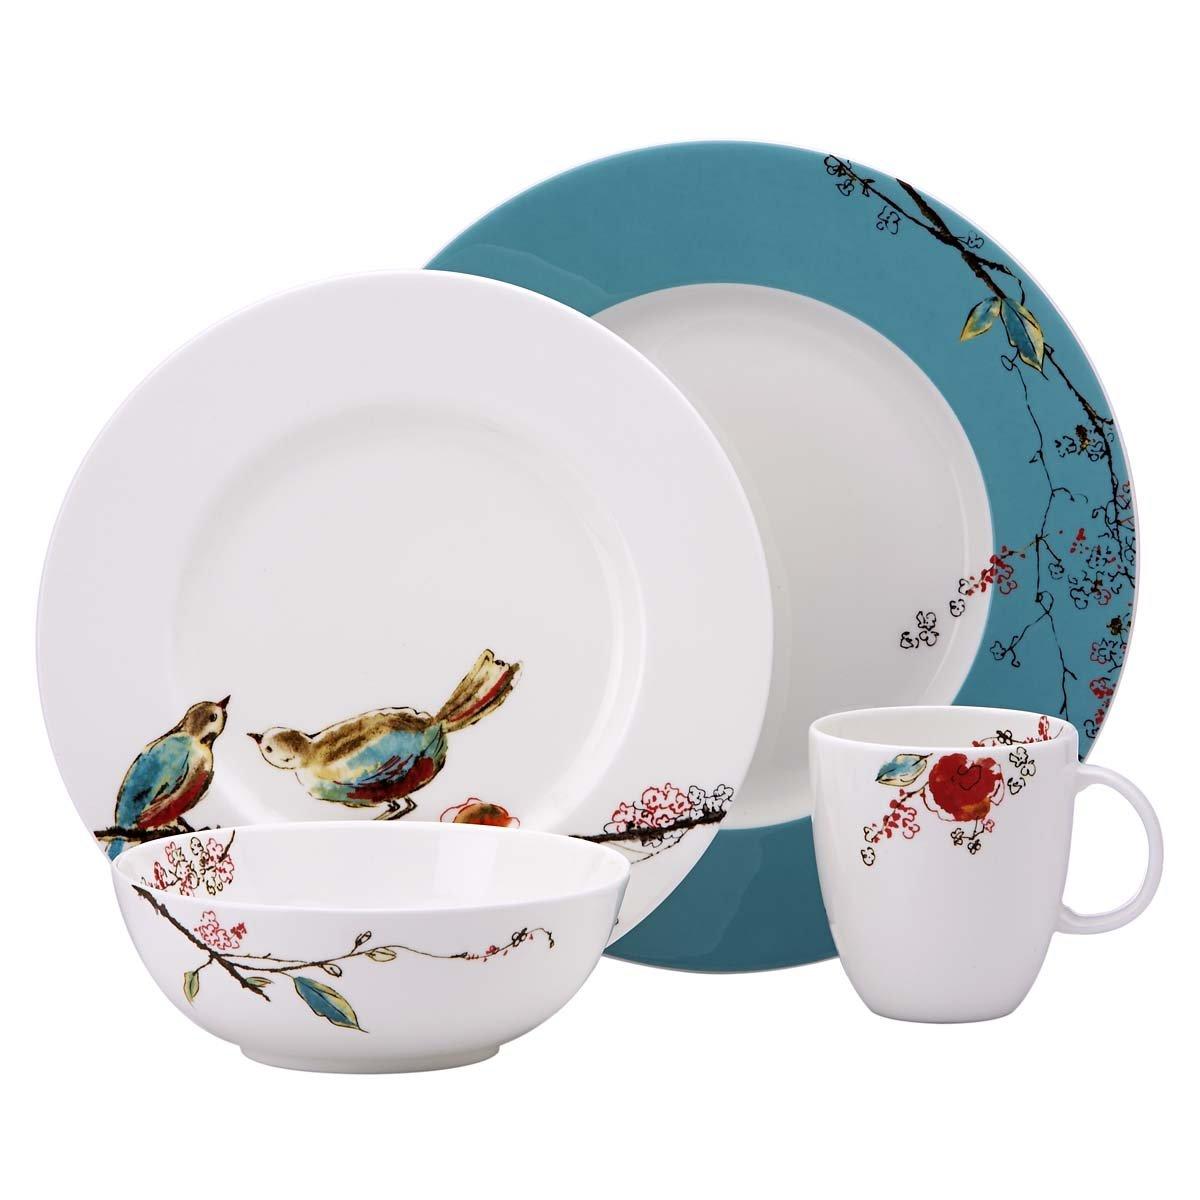 lenox chirp dinnerware